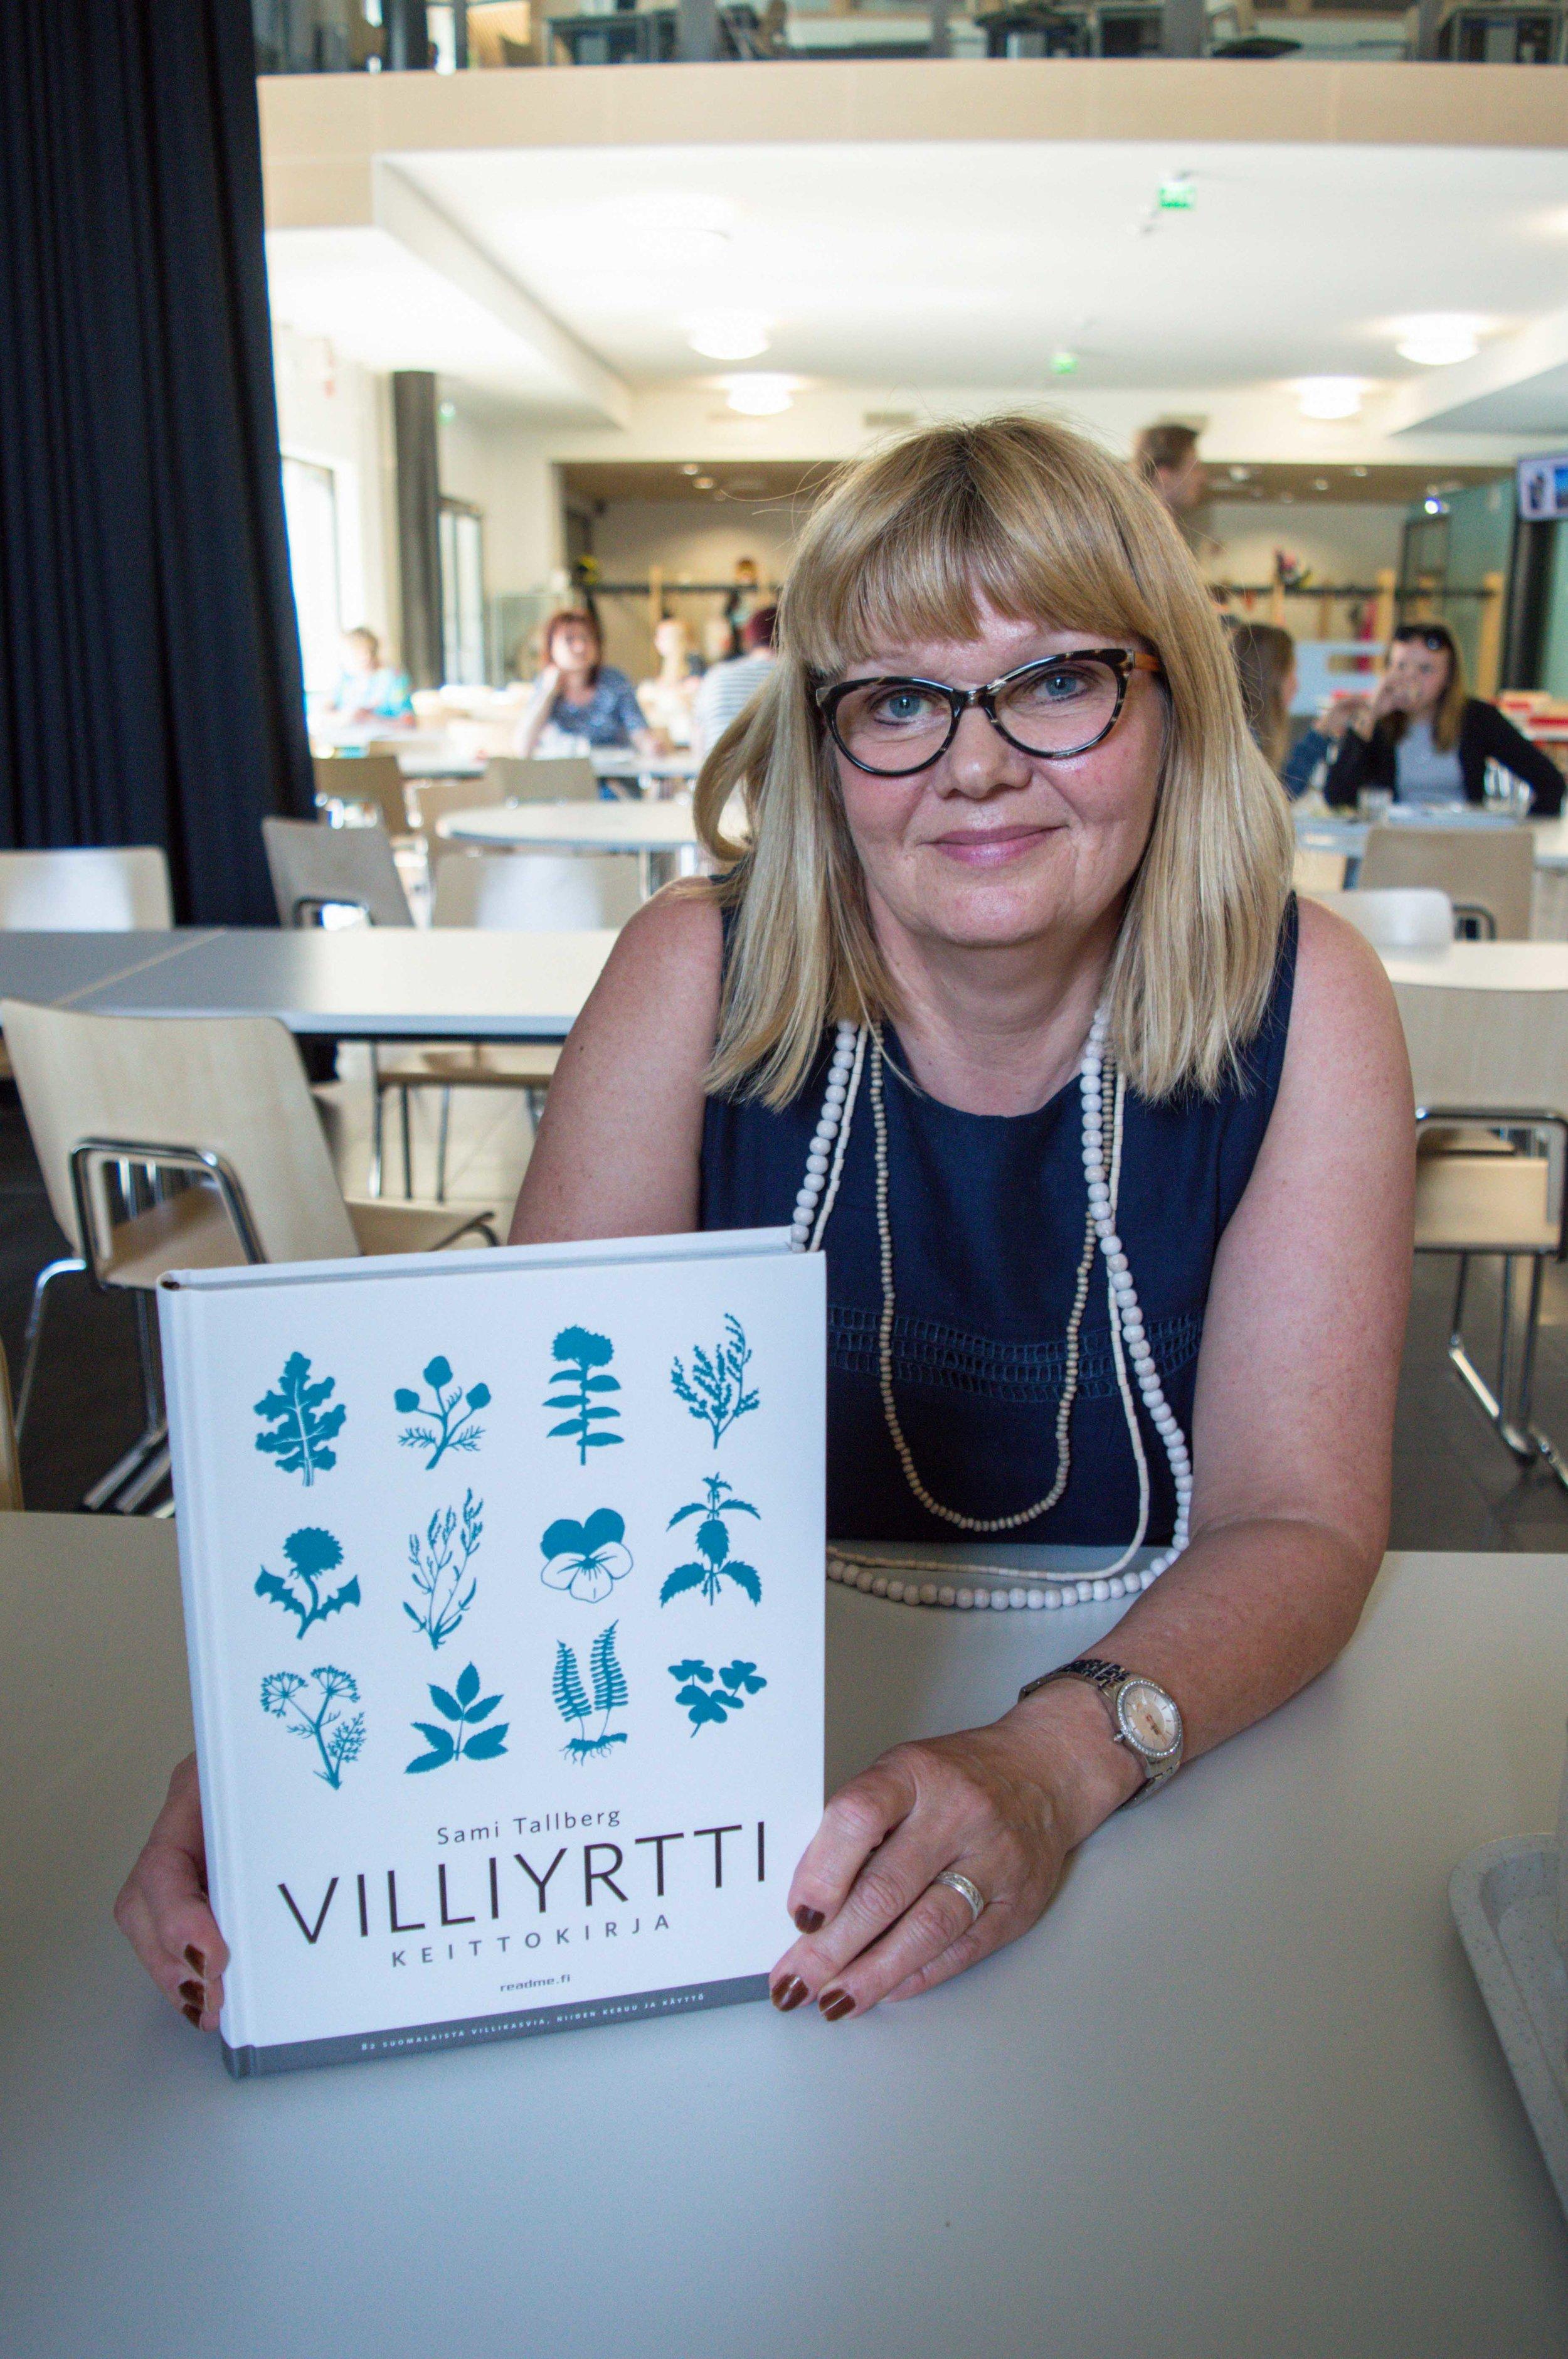 Villiyrttipaivat_koulukeskuksella-web-6.jpg